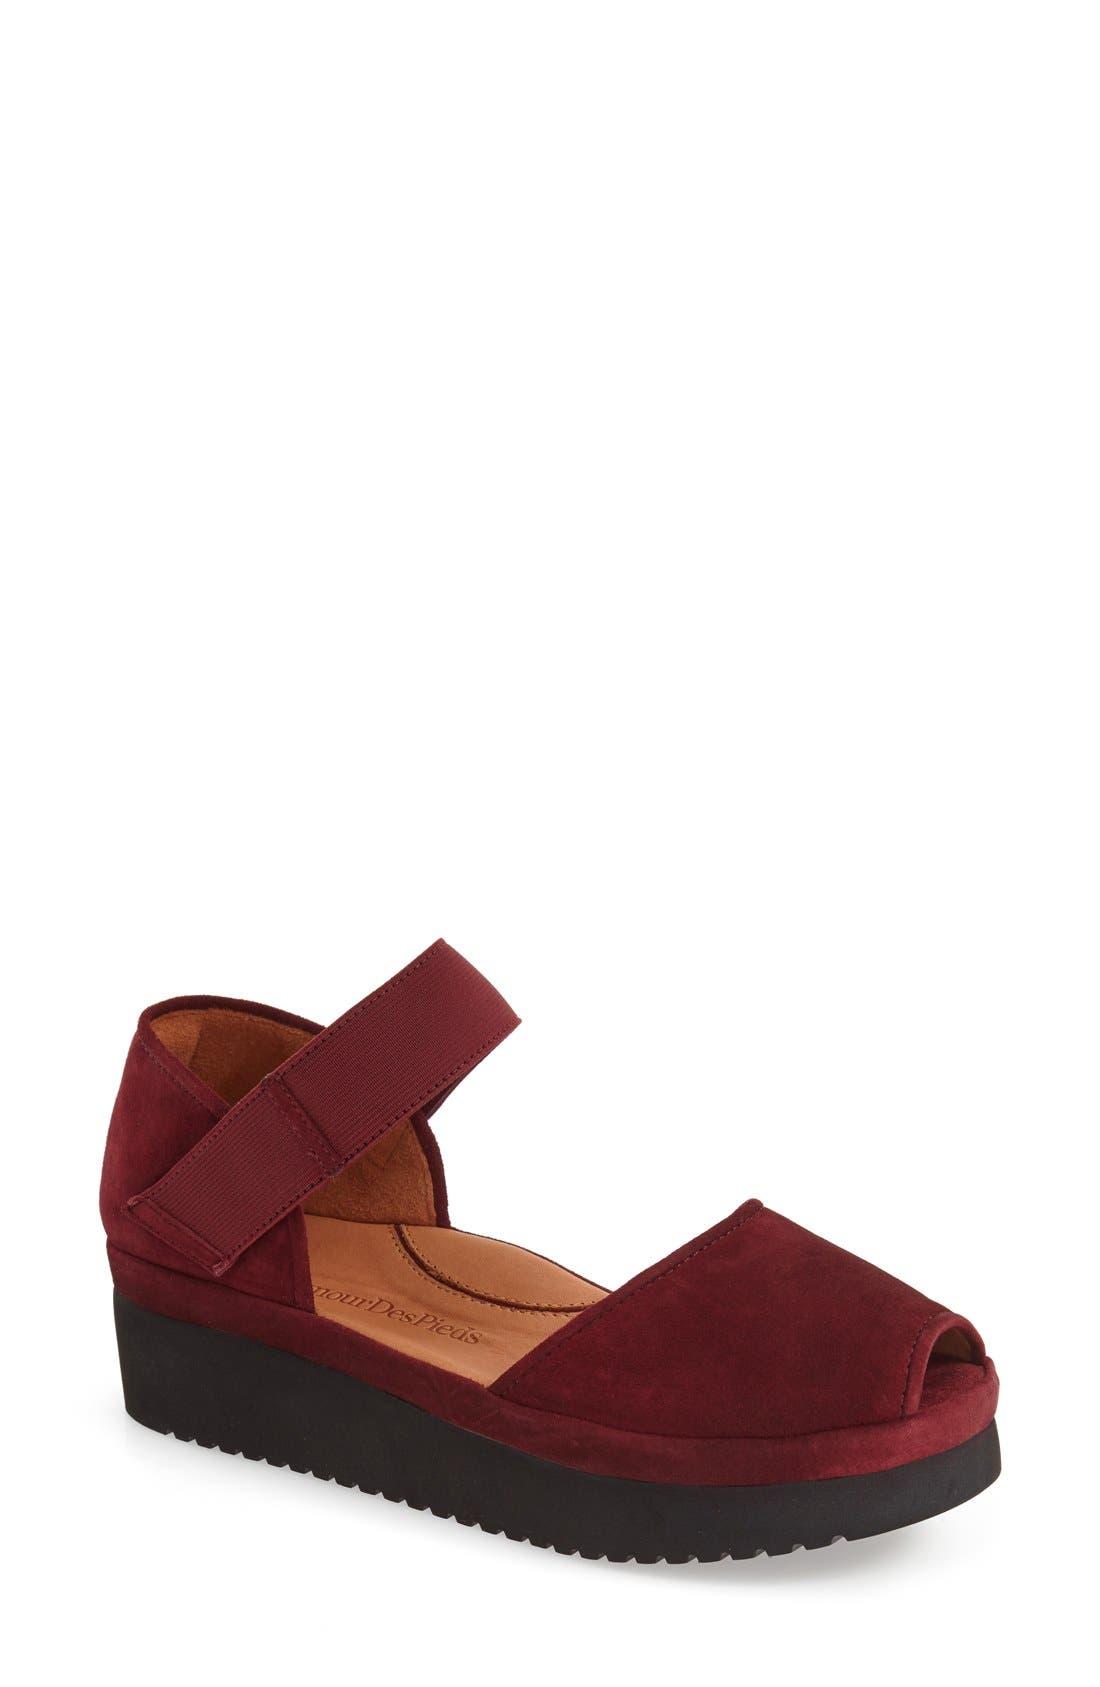 L'AMOUR DES PIEDS 'Amadour' Platform Sandal, Main, color, MULBERRY SUEDE LEATHER